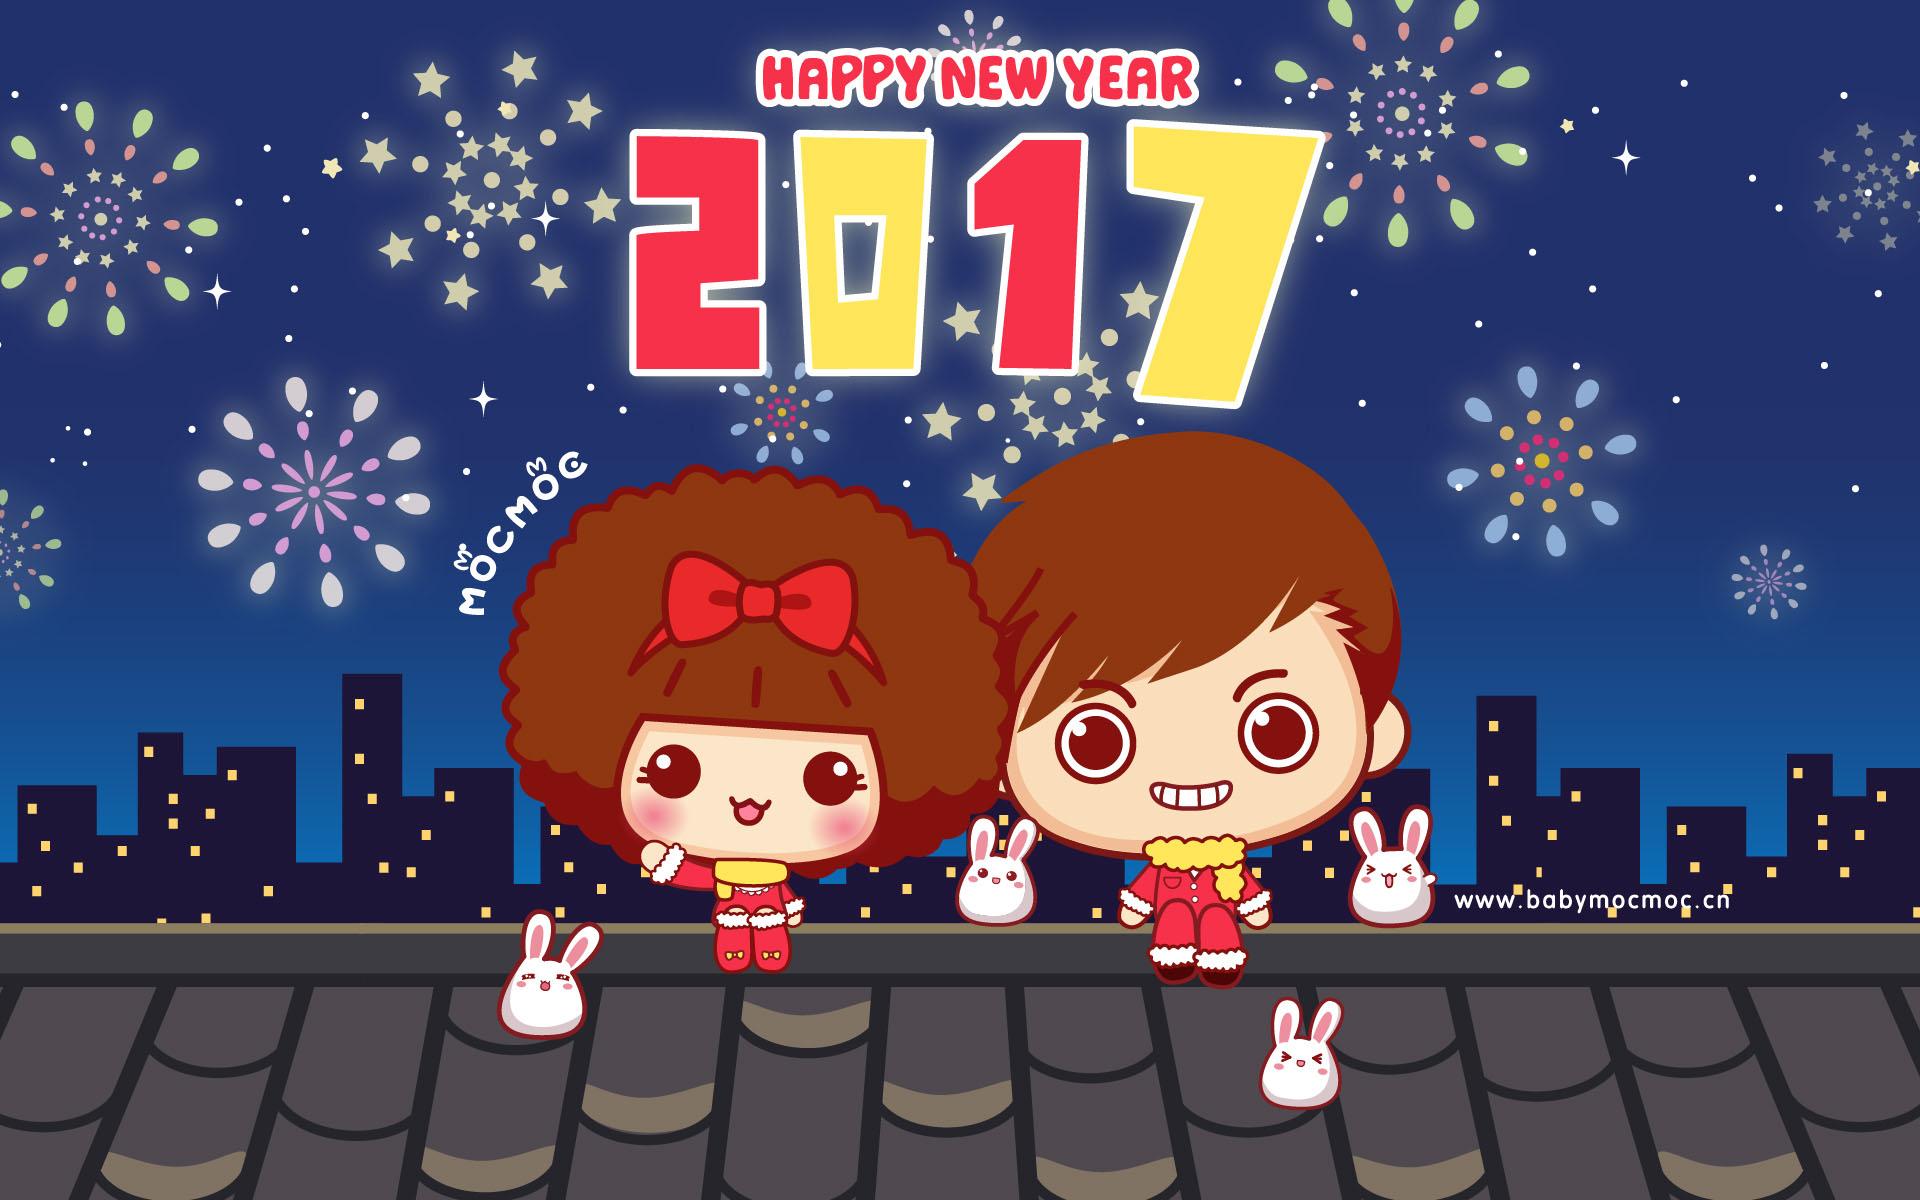 粉嫩摩丝摩丝2017新年宽屏壁纸(壁纸1)